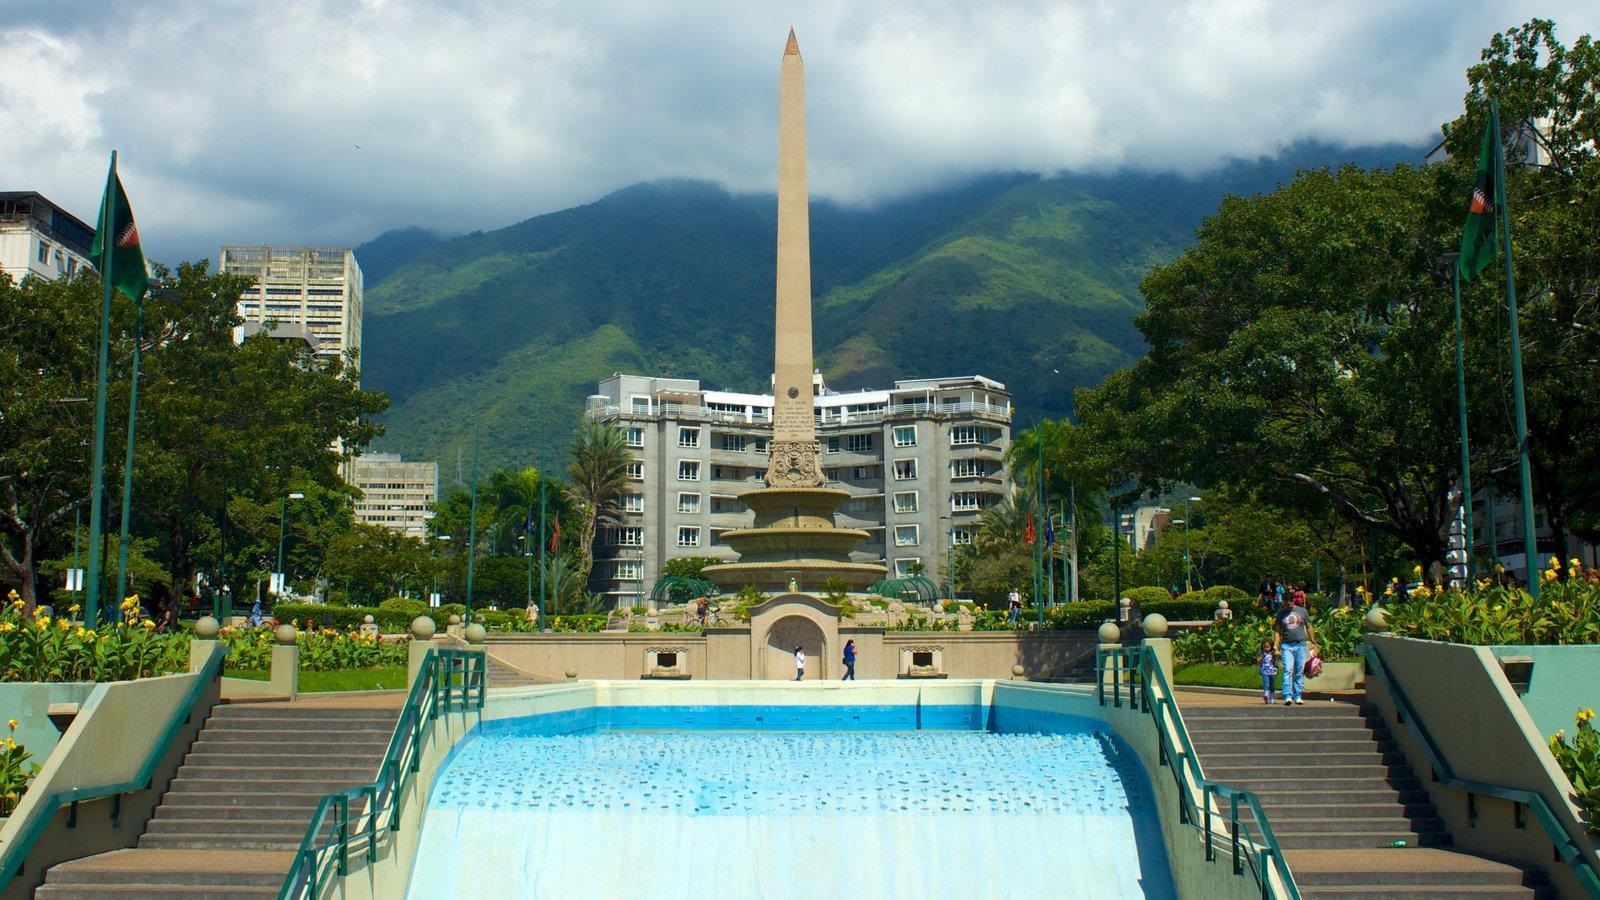 Plaza Altamira mostrando uma cidade e um monumento